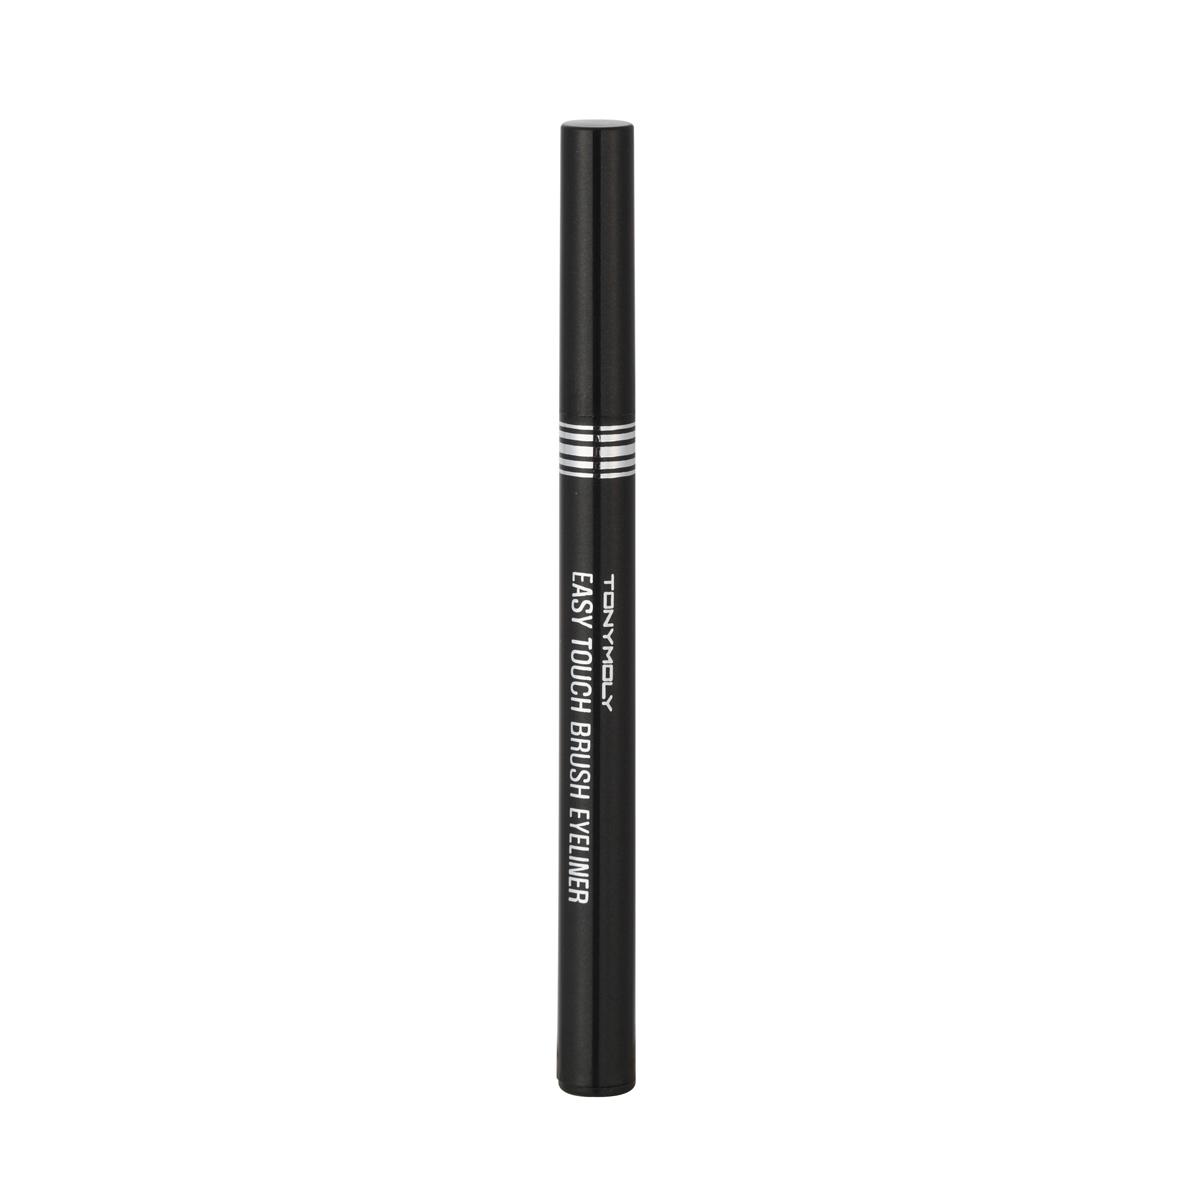 Dạ kẻ mắt Easy touch brush eyeliner - tonymoly